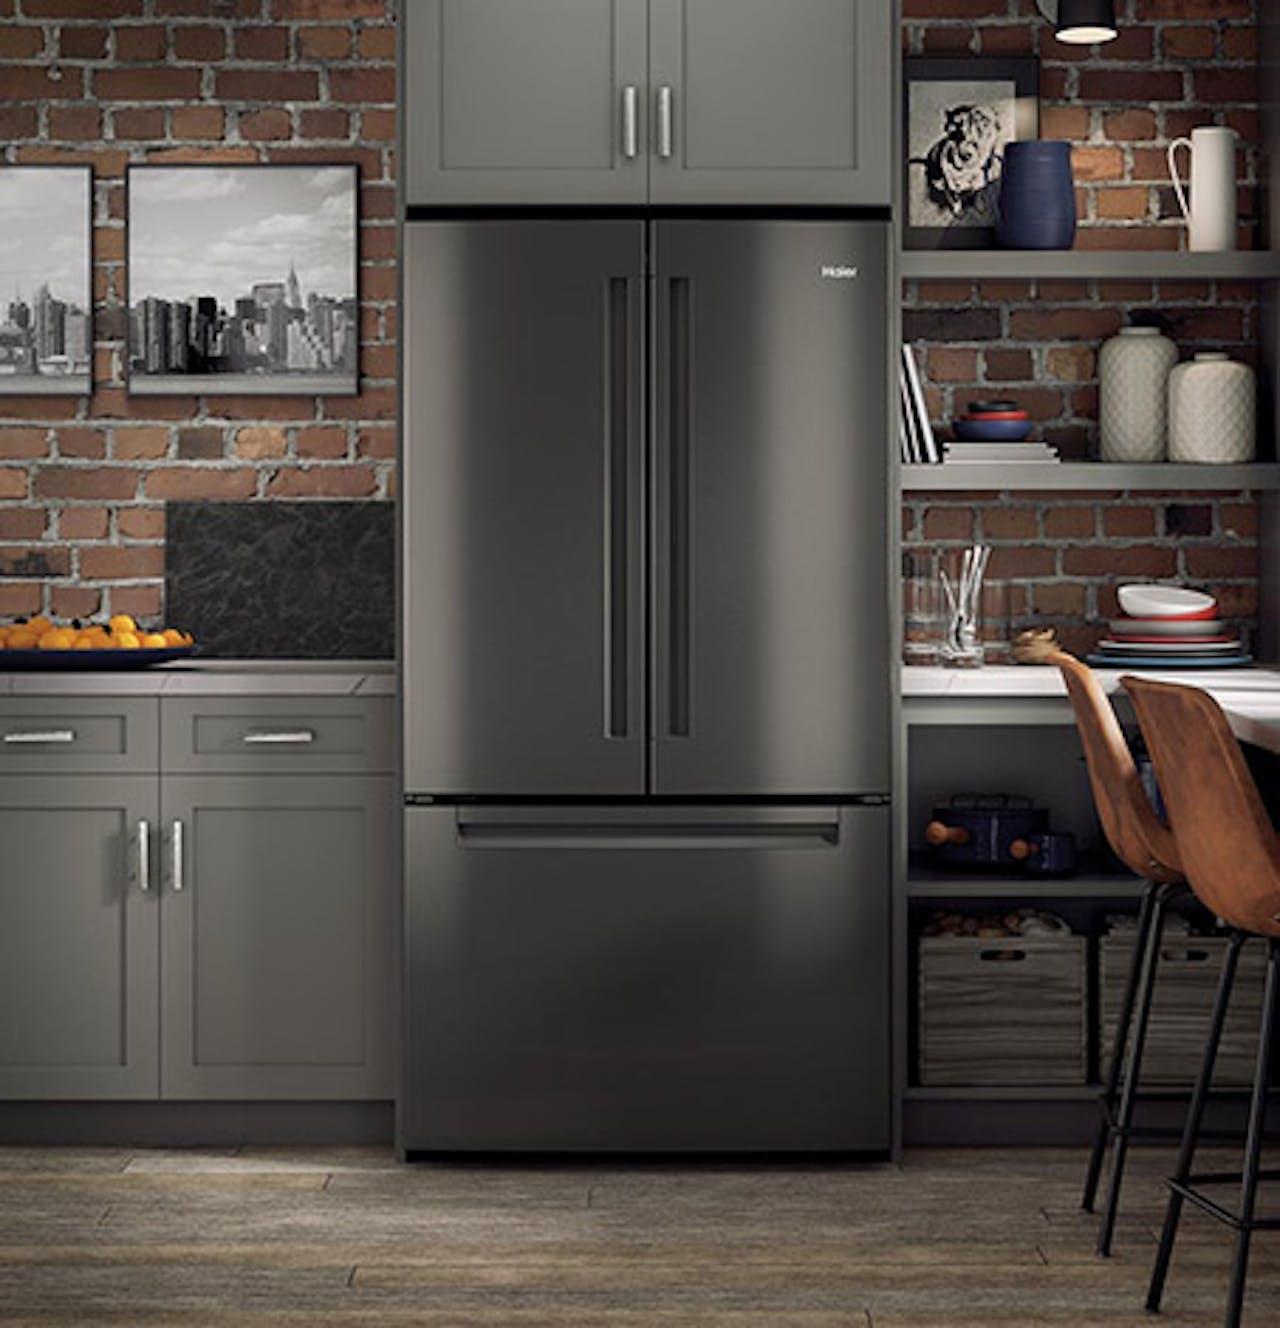 Black stainless refrigerator